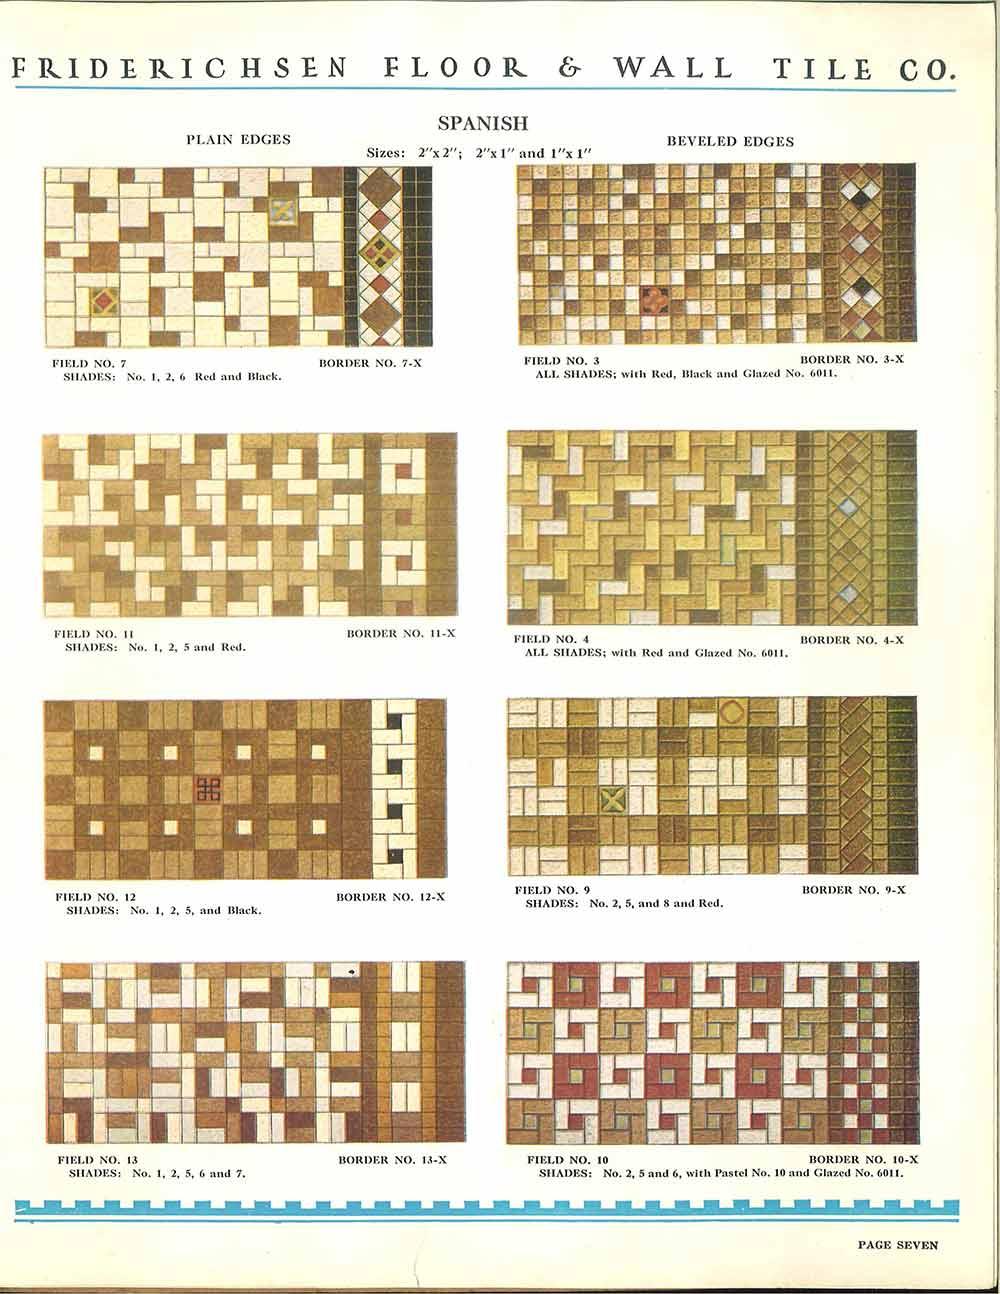 vintage ceramic floor patterns for ceramic tile 1930s - Tile Floor Patterns